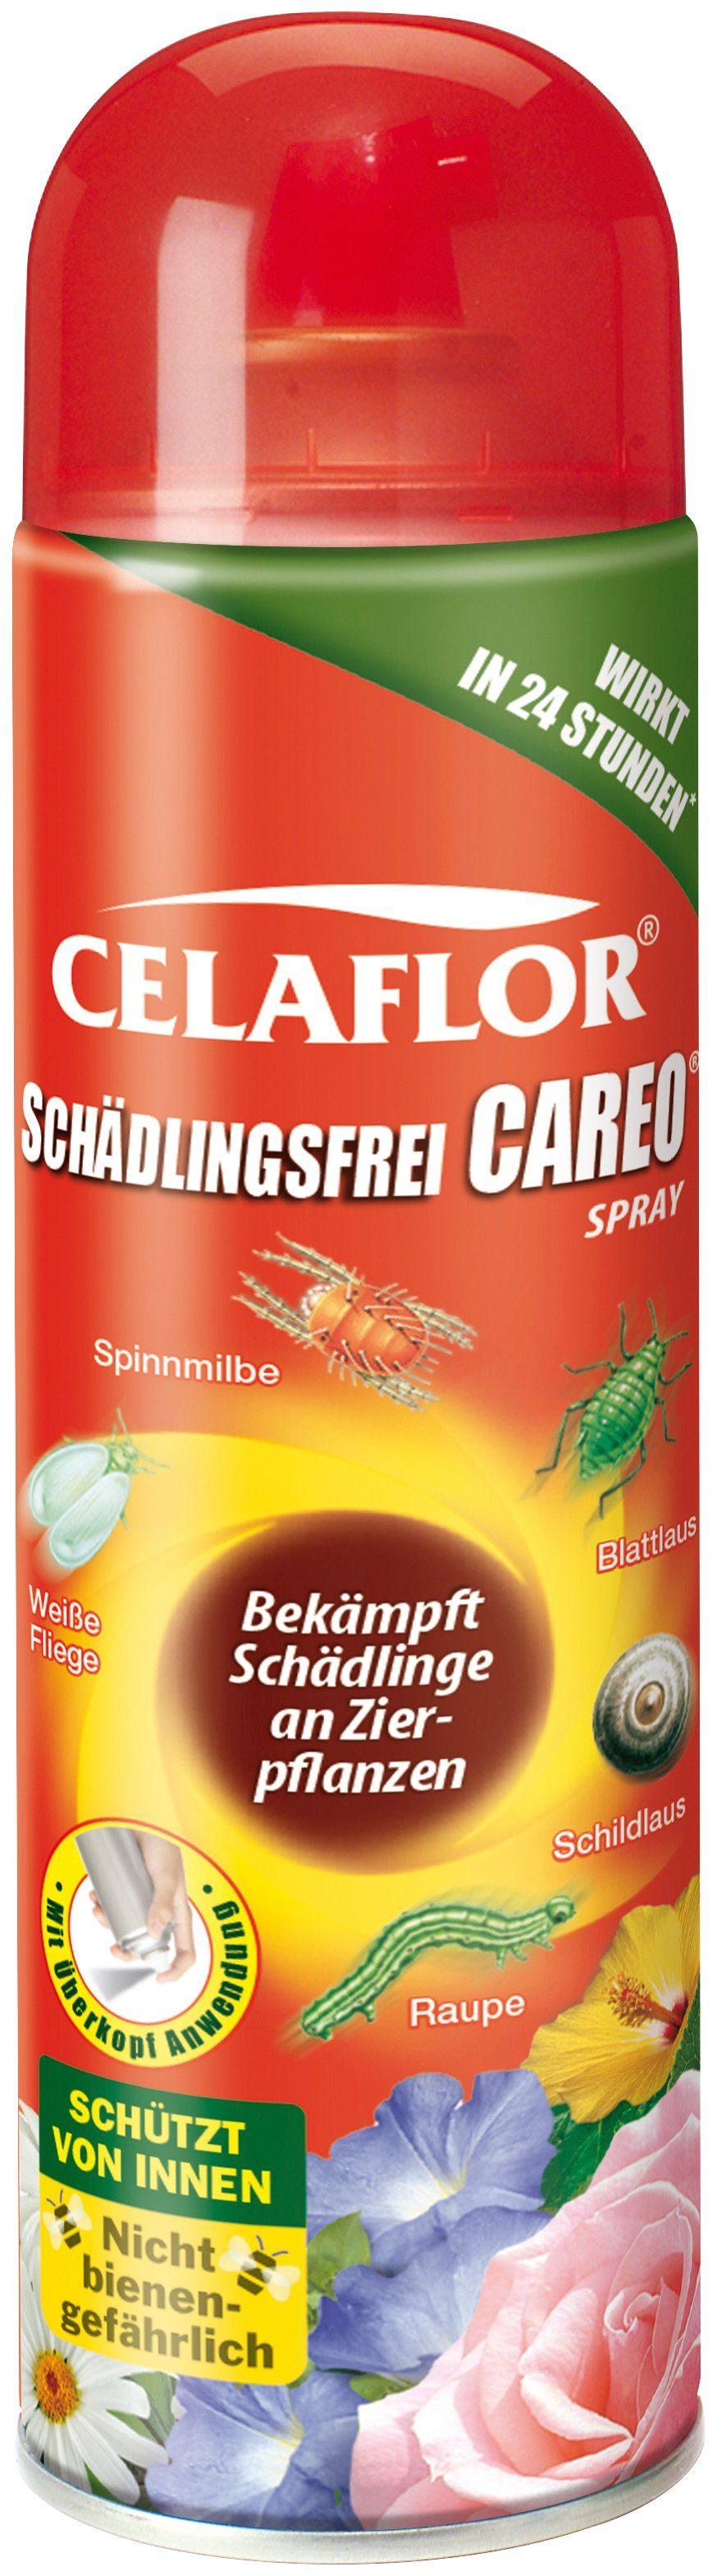 CELAFLOR Pflanzenschutzmittel »Careo«, Schädlingsfrei, 400 ml